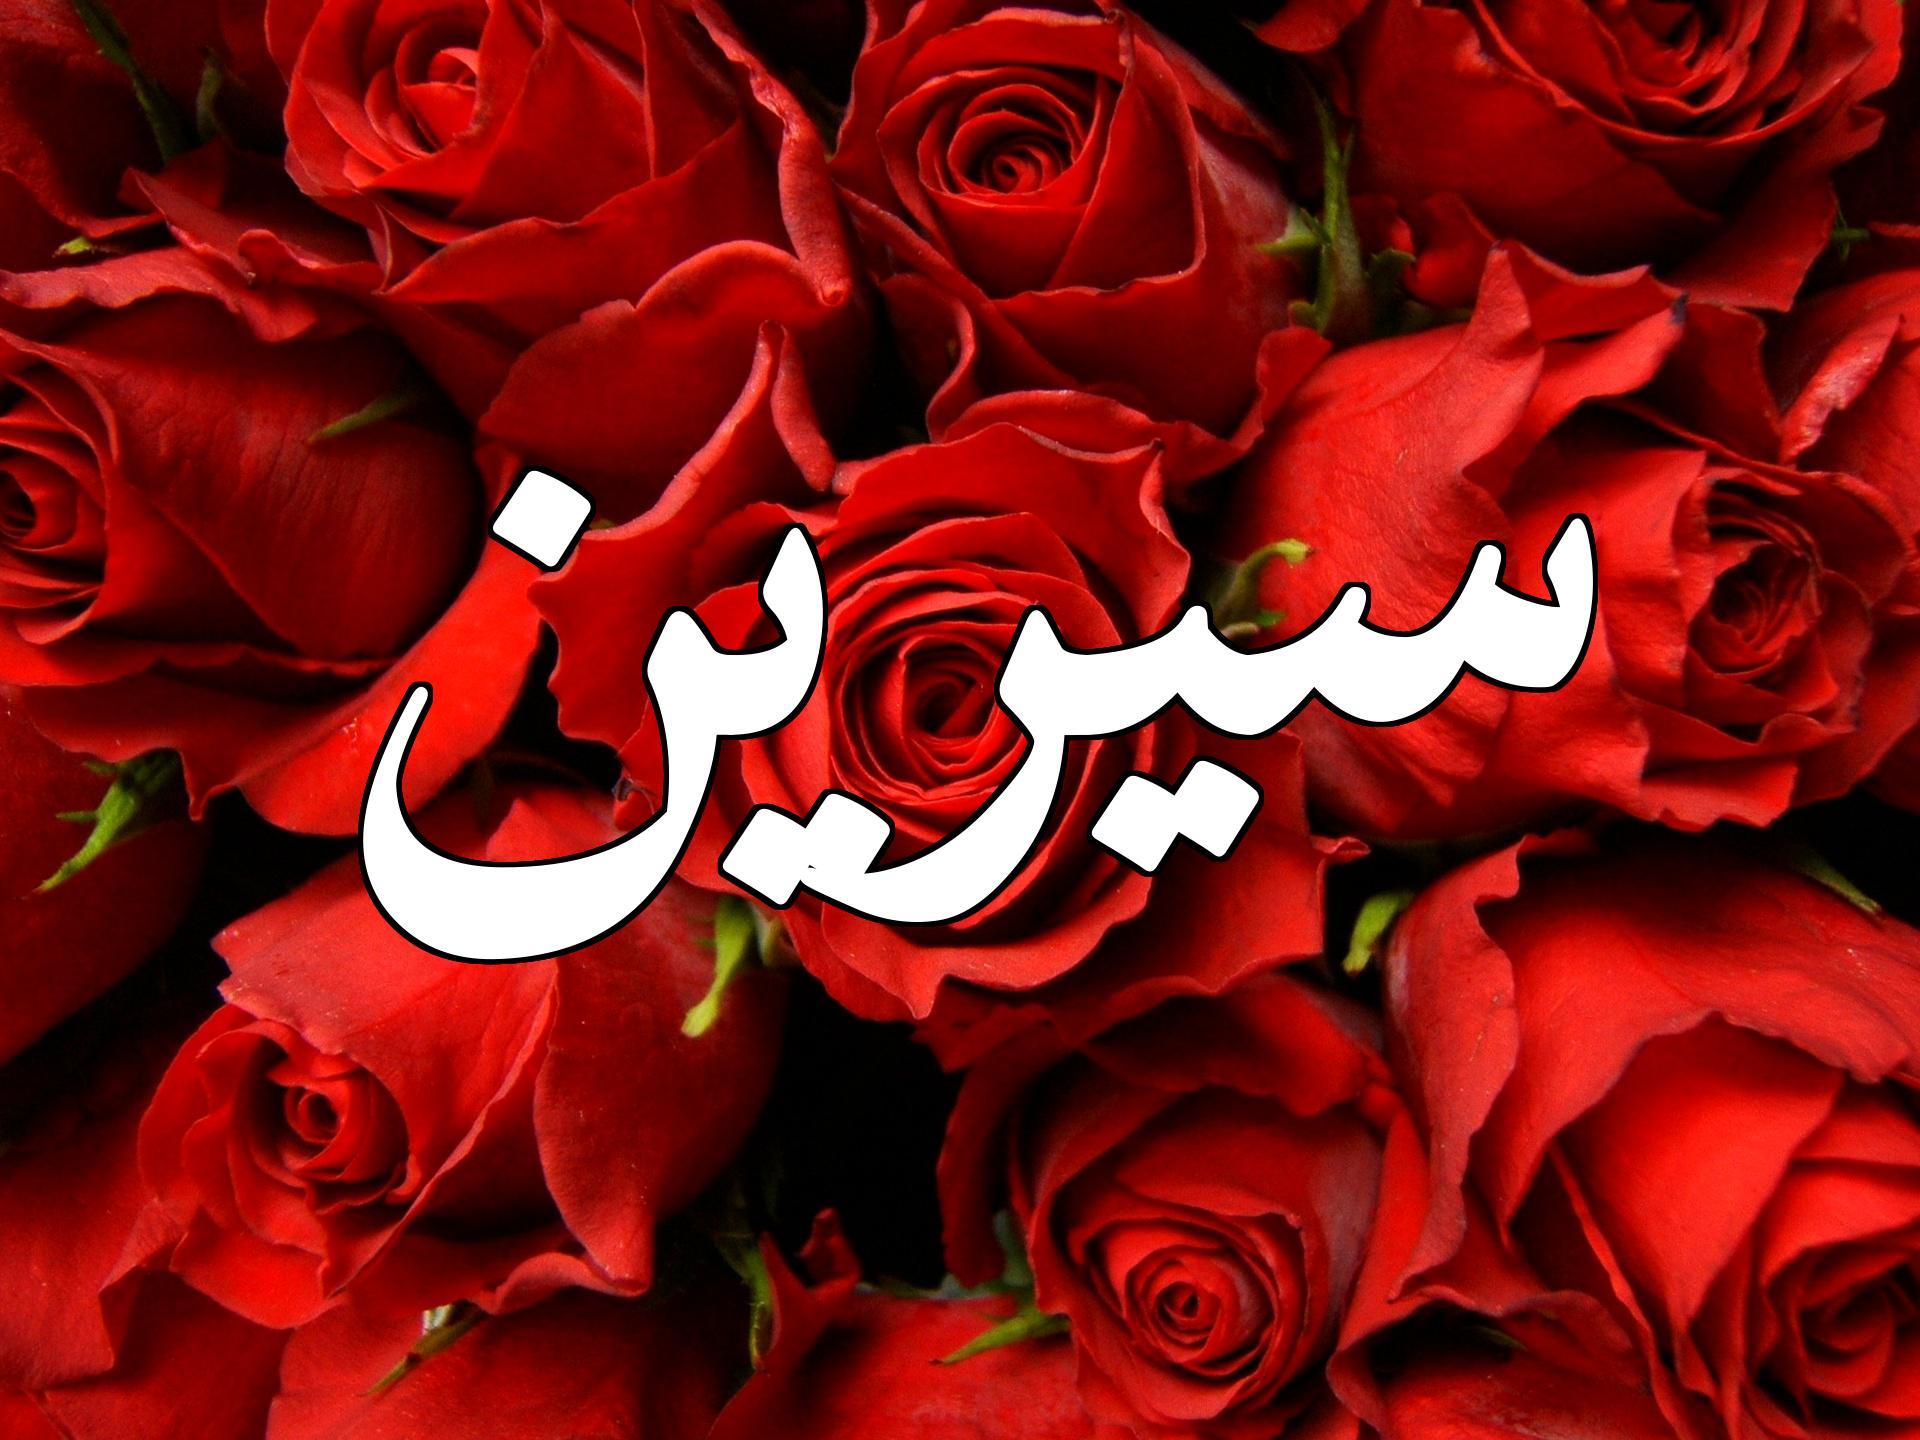 صورة اسماء بنات من 5 حروف 5302 5